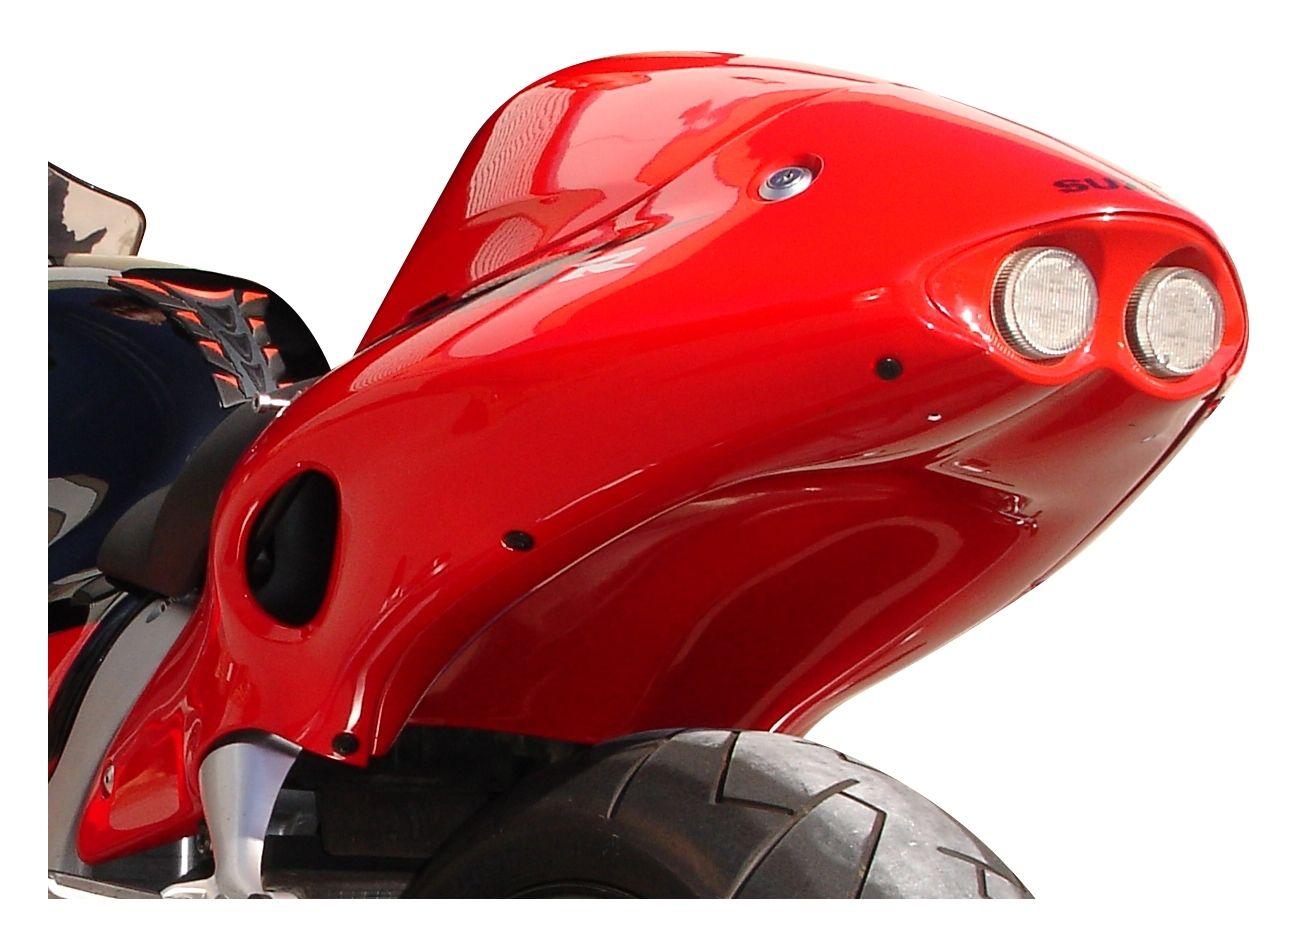 wiring schematic suzuki drag bike best wiring library Suzuki Mini SUV hotbodies superbike 2 undertail kit suzuki gsx1300r hayabusa 1999 2007 10% ($24 00